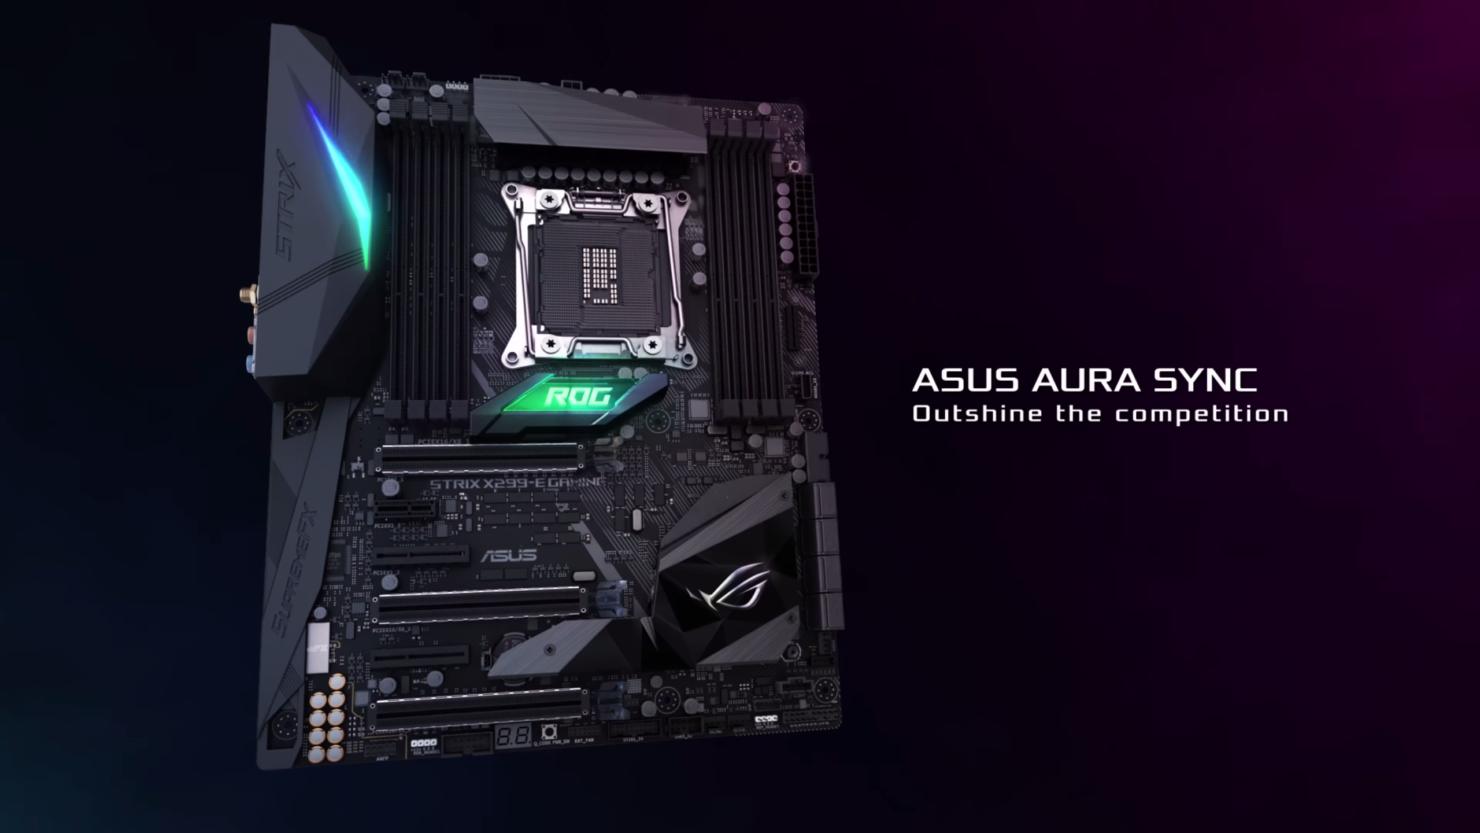 asus-rog-strix-x299-e-motherboard-intel-core-x-processors_1